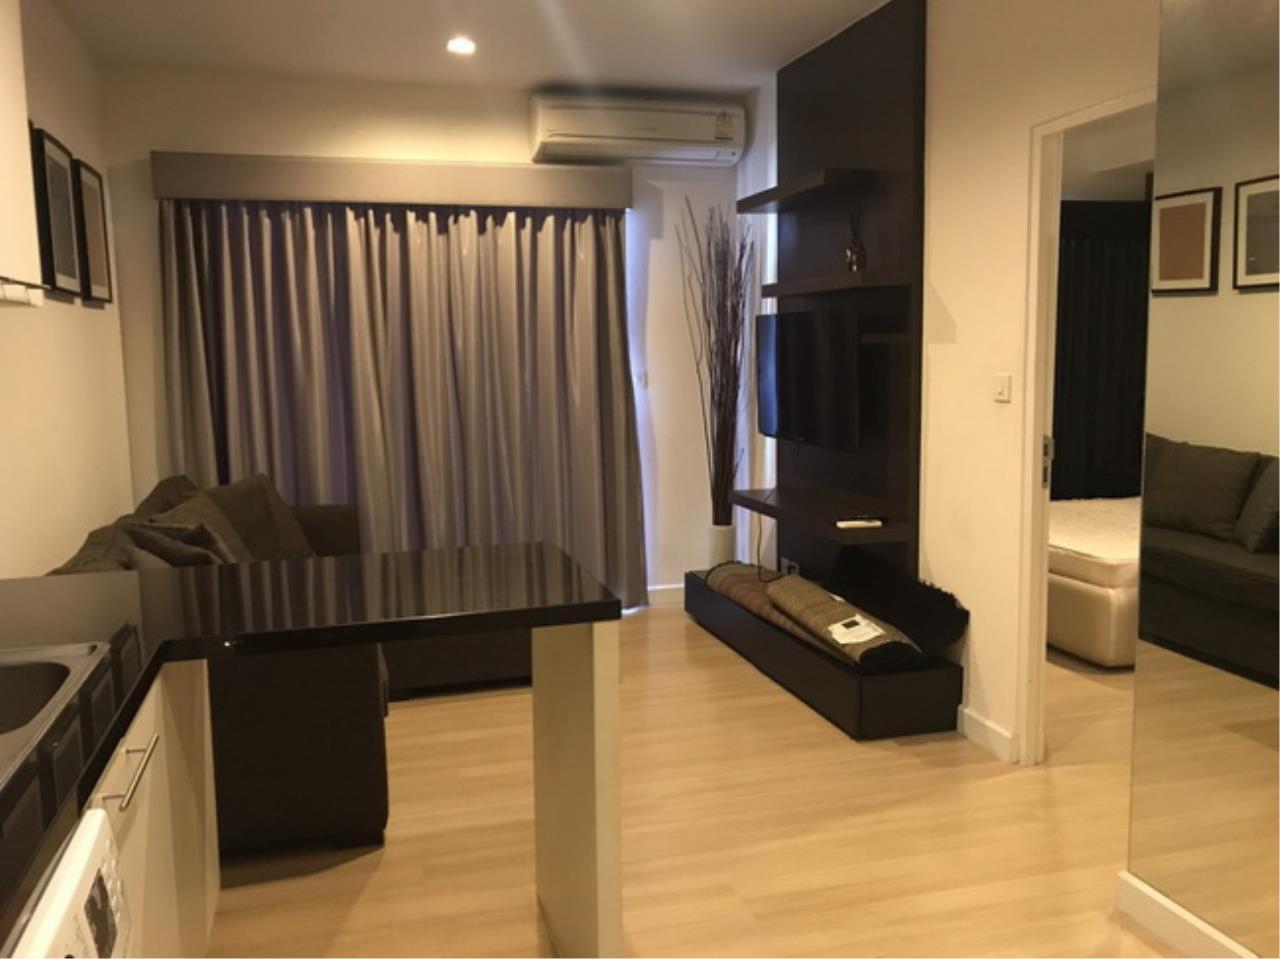 38159 - The Seed Mingle Condominium Sathorn Road, 43 sq.m.